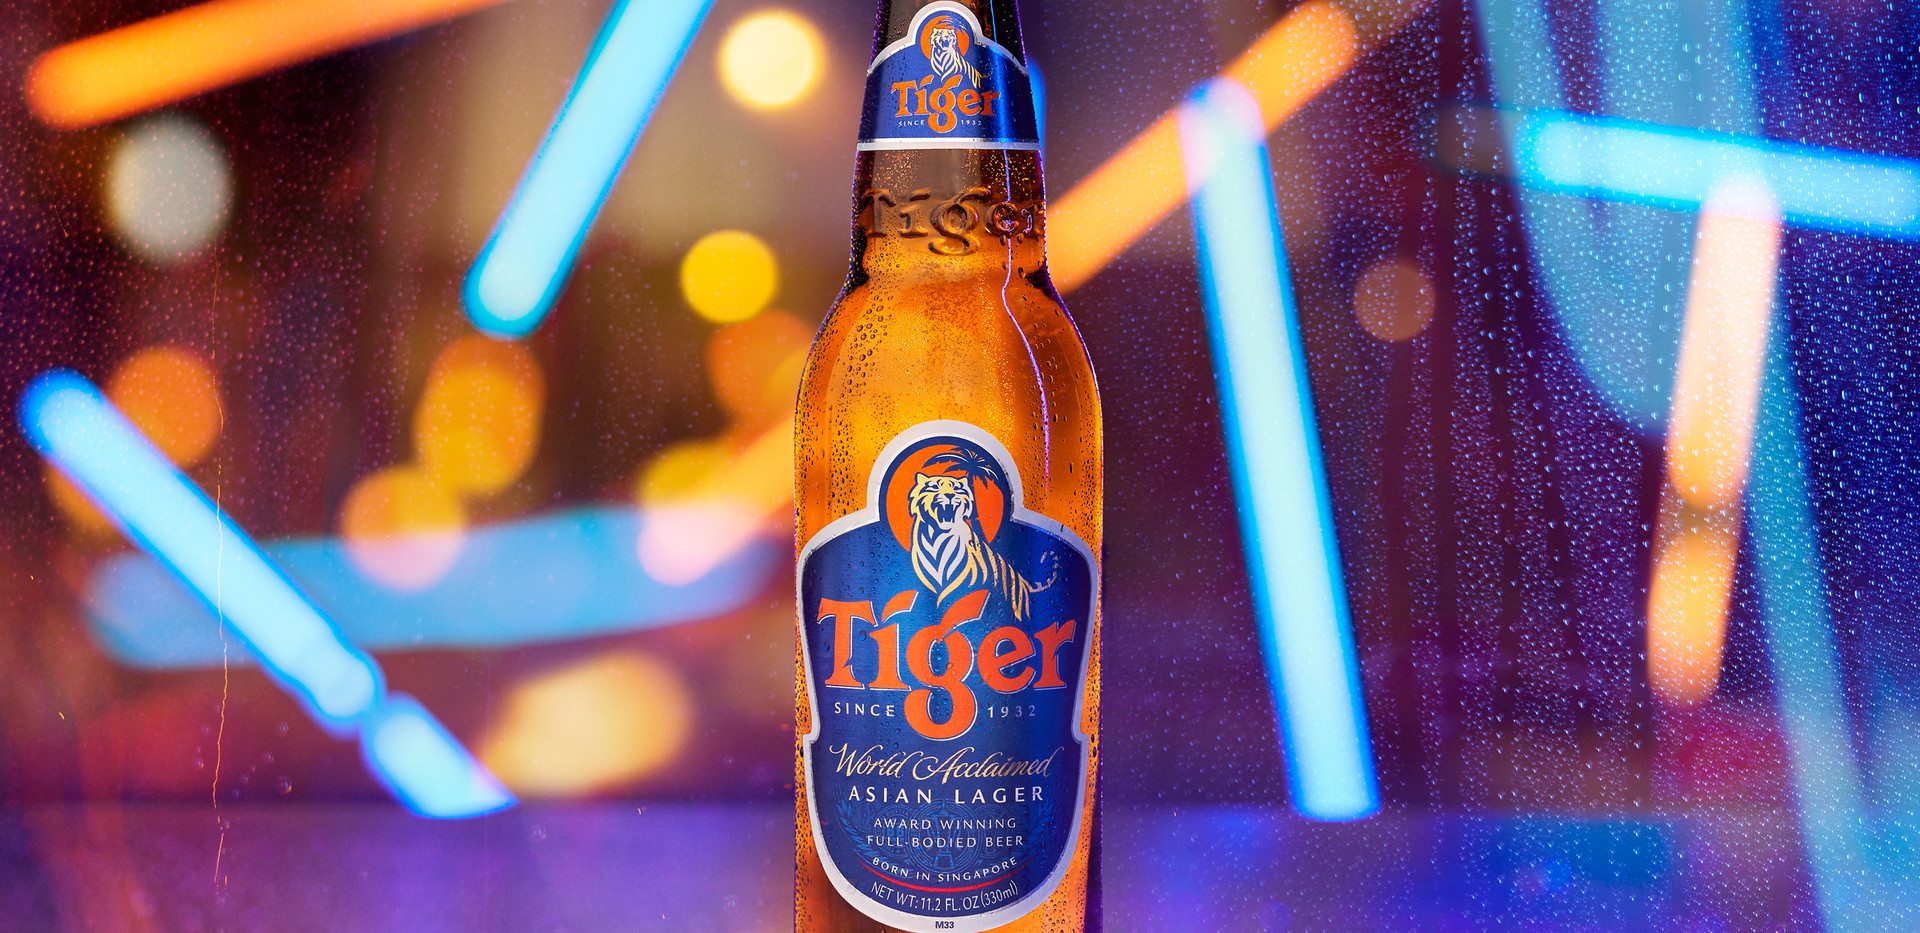 Tiger_Bottle_Landscape.jpg